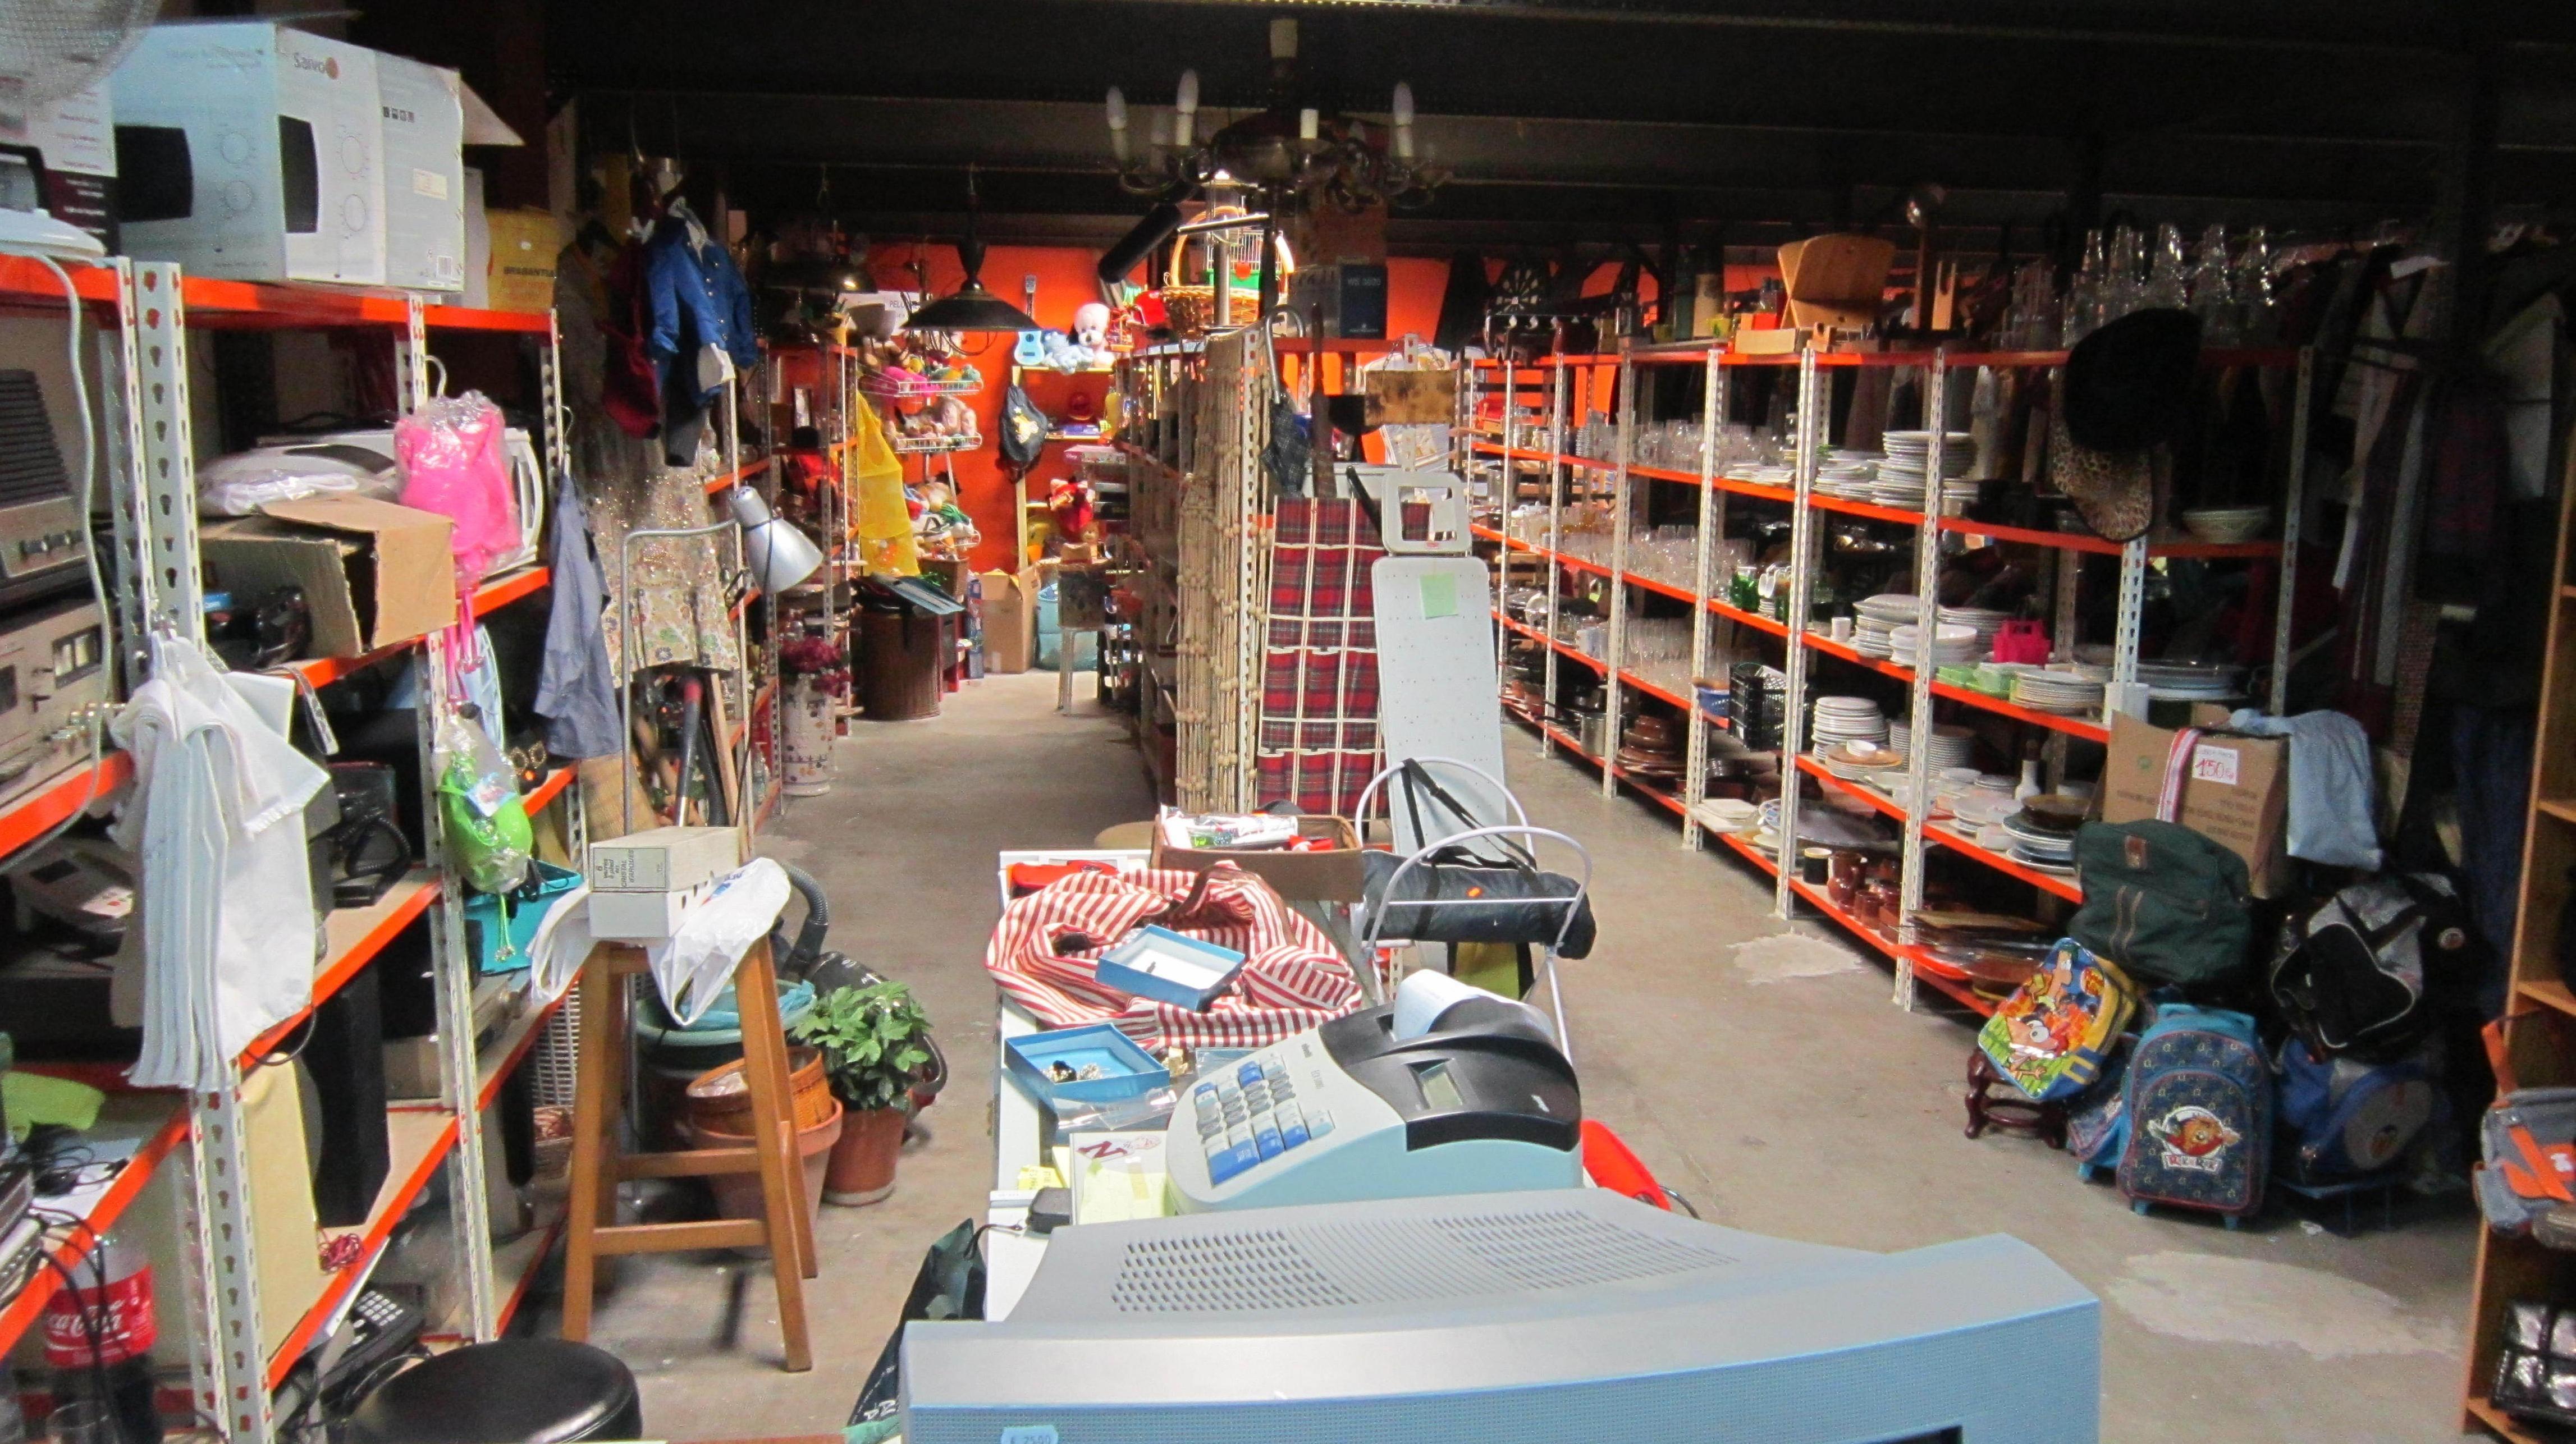 Muebles Para Tienda De Ropa De Segunda Mano Cddigi Com # Muebles Tienda Segunda Mano